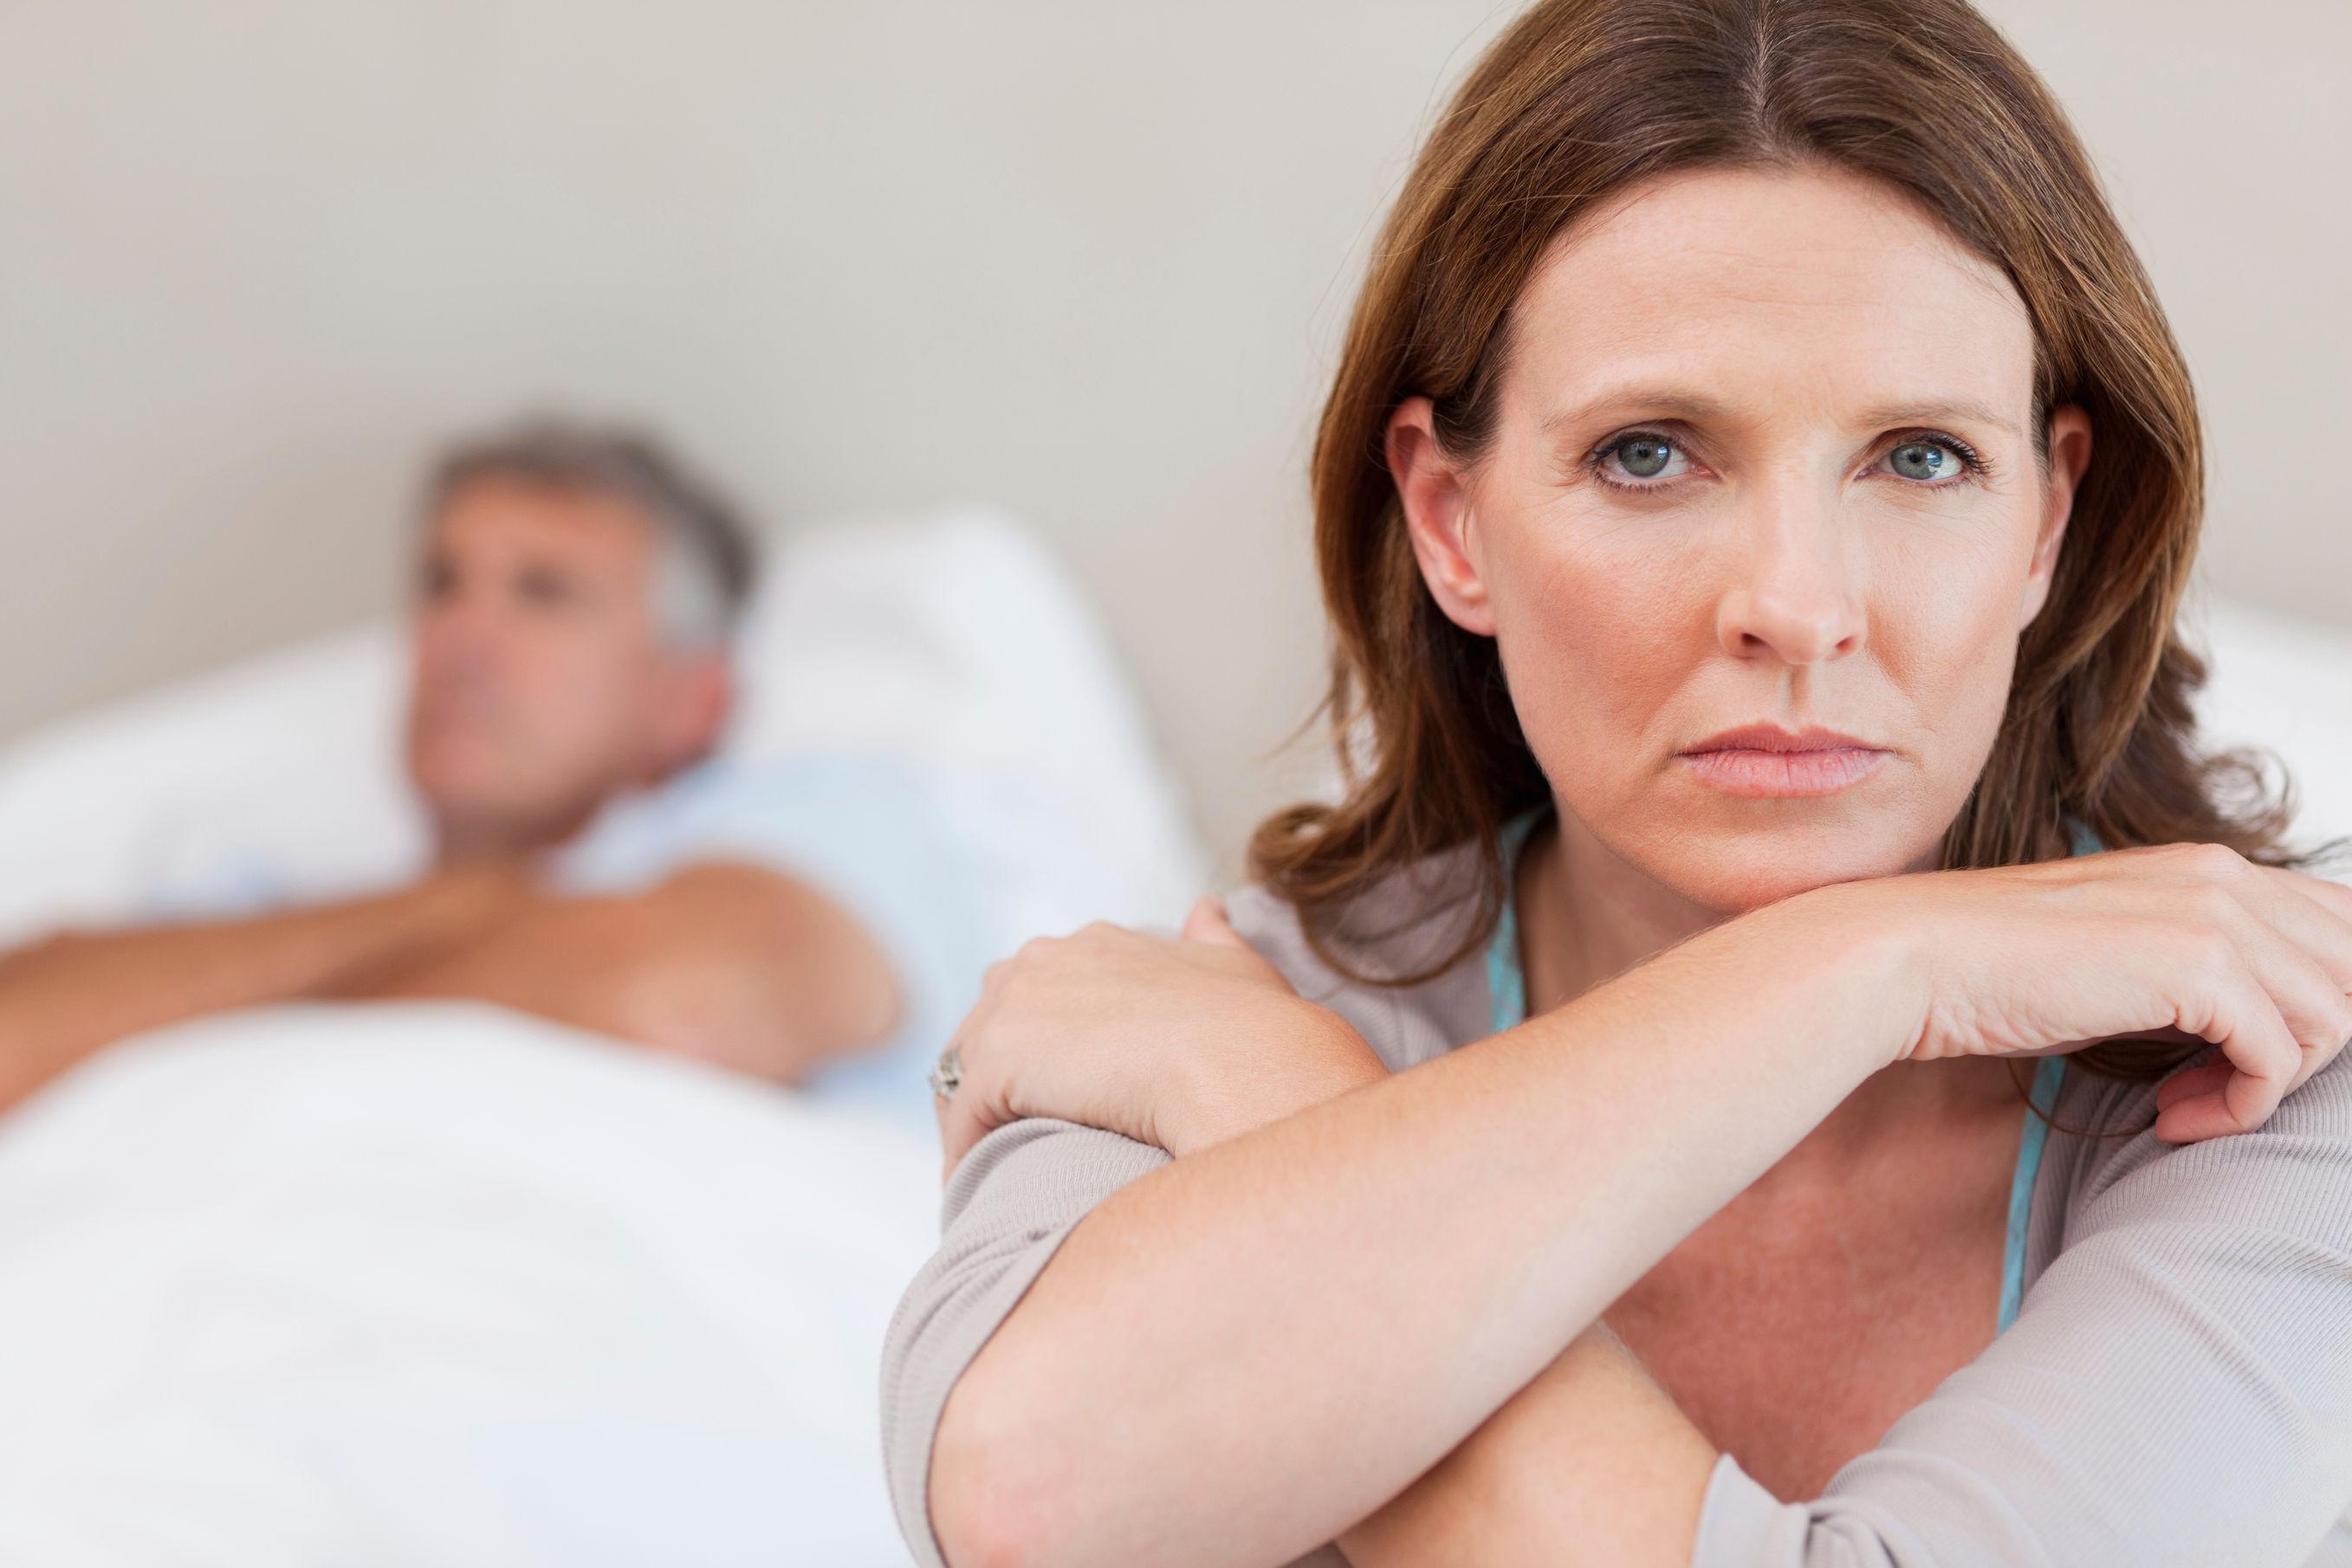 Λύσεις για την ξηρότητα του κόλπου και τον πόνο κατά τη σεξουαλική επαφή μετά την εμμηνόπαυση